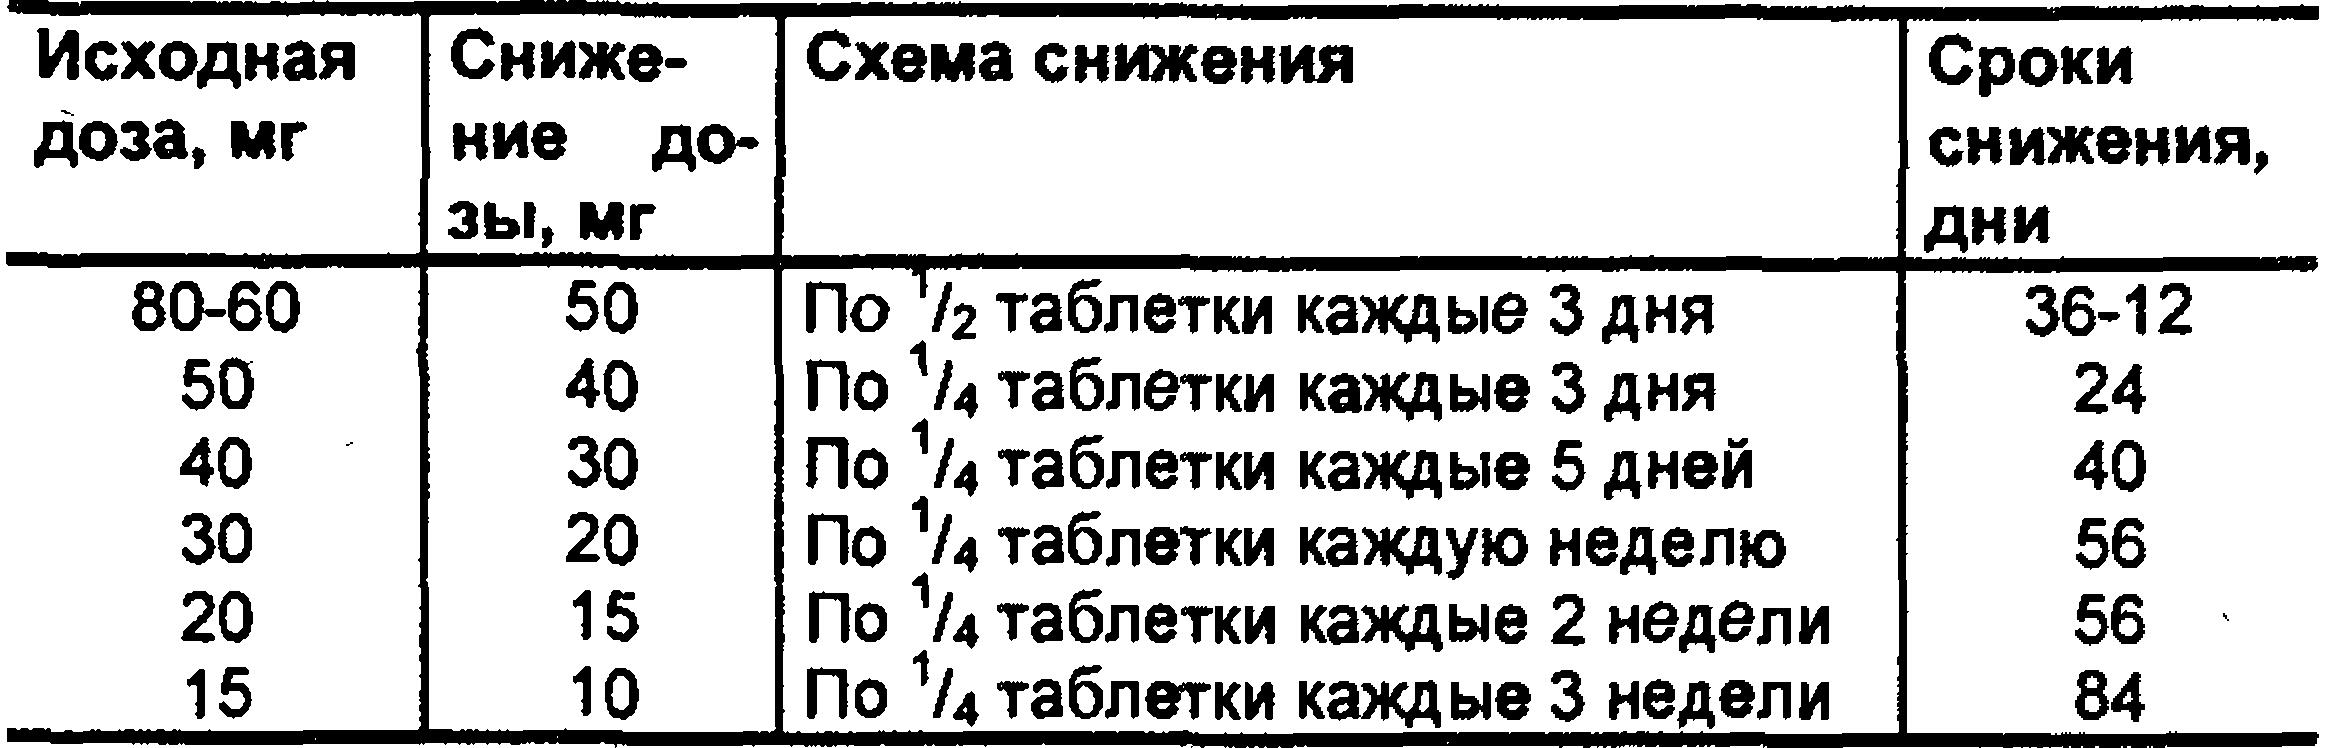 Таблица дозировок препарата